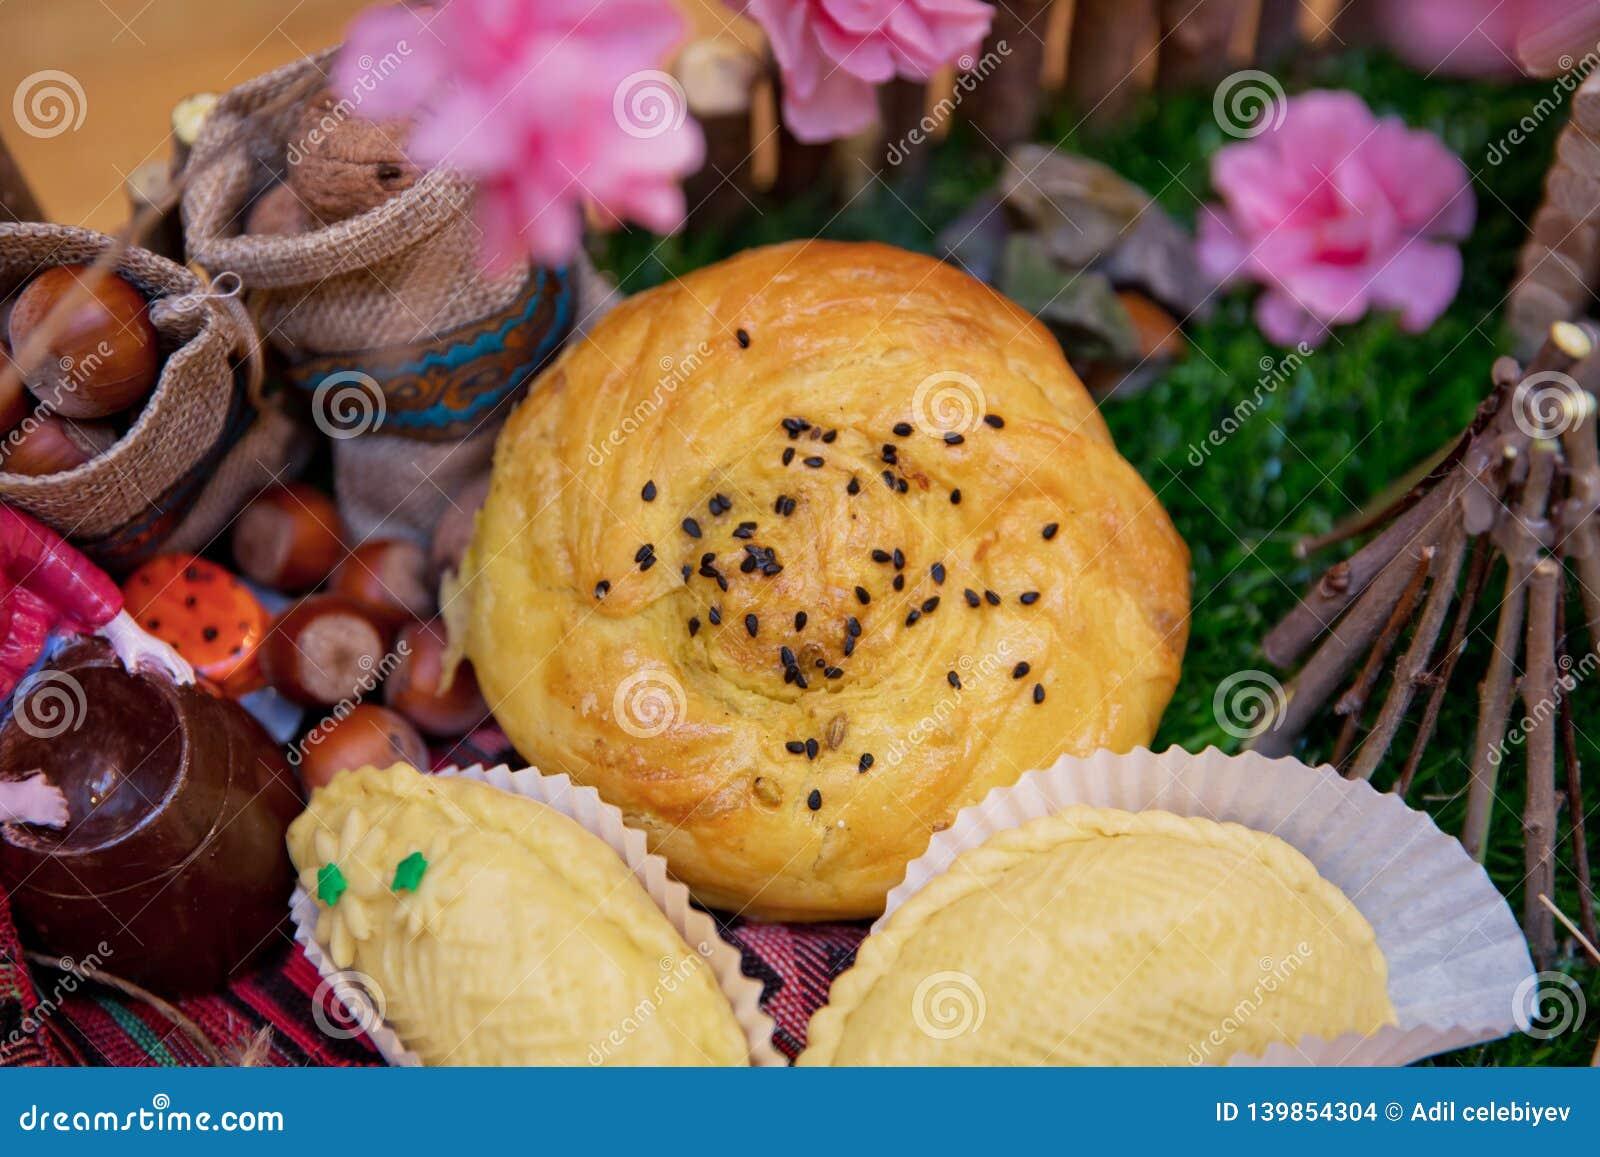 αναπτυγμένος Shorgogal Εθνική ζύμη του Αζερμπαϊτζάν, Qogal Φρέσκες ζύμες Gogal, γλυκιά πλήρωση Εκλεκτική εστίαση